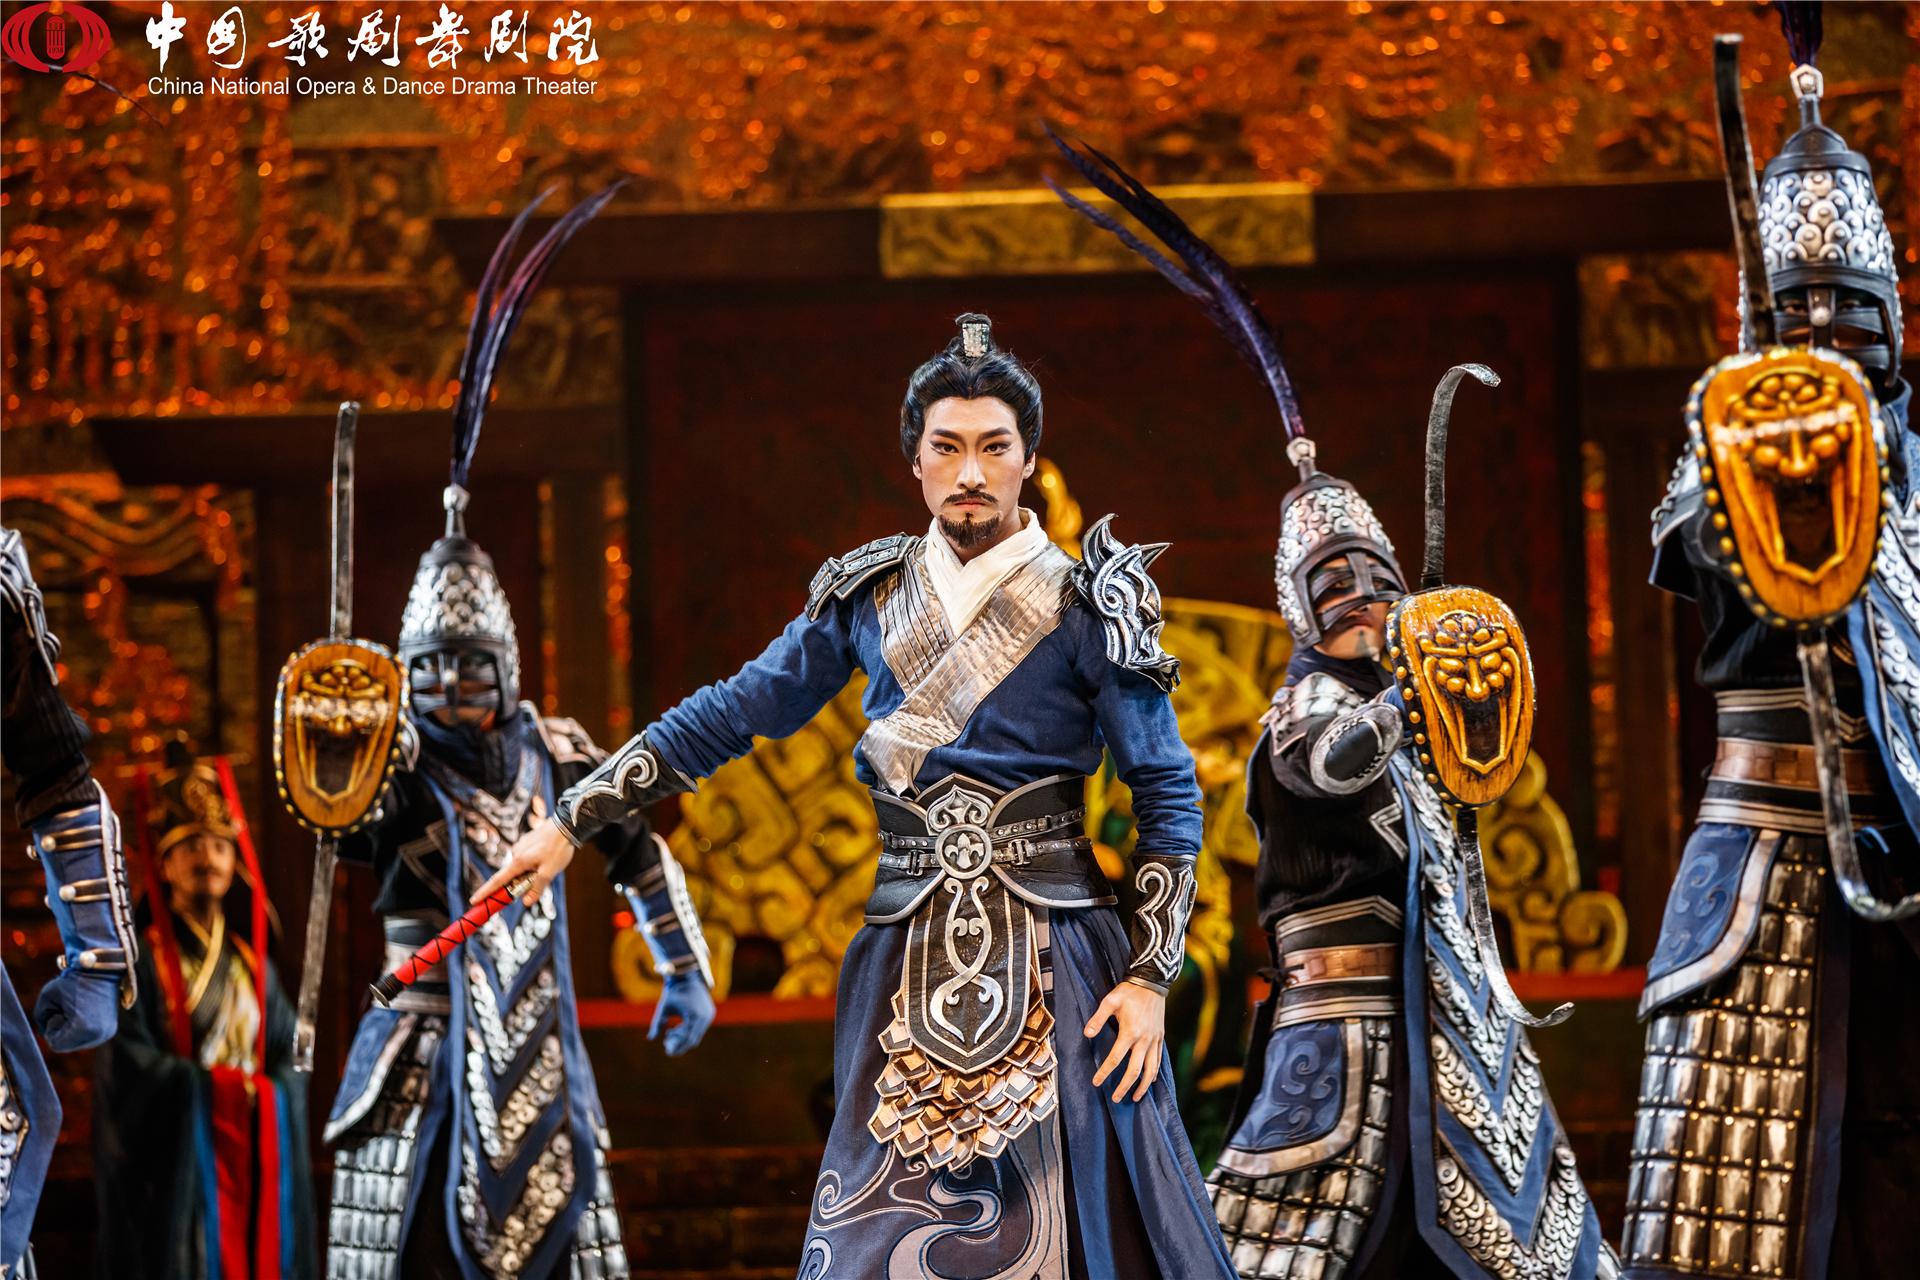 Princess Zhaojun. China National Opera & Dance Drama Theater. (12)